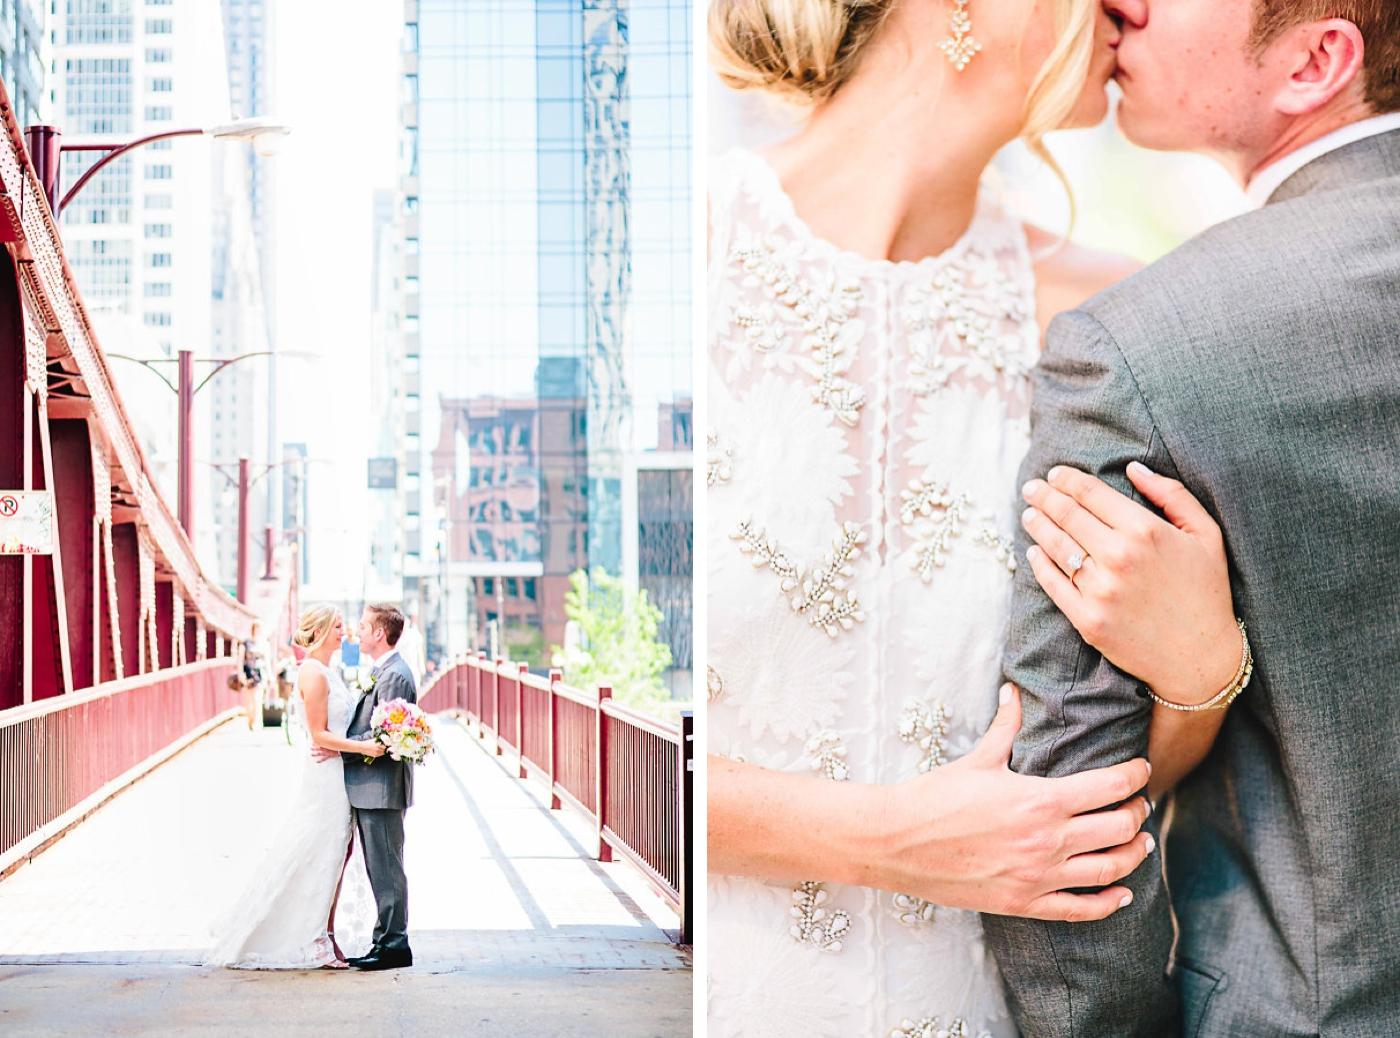 chicago-fine-art-wedding-photography-hrebic17